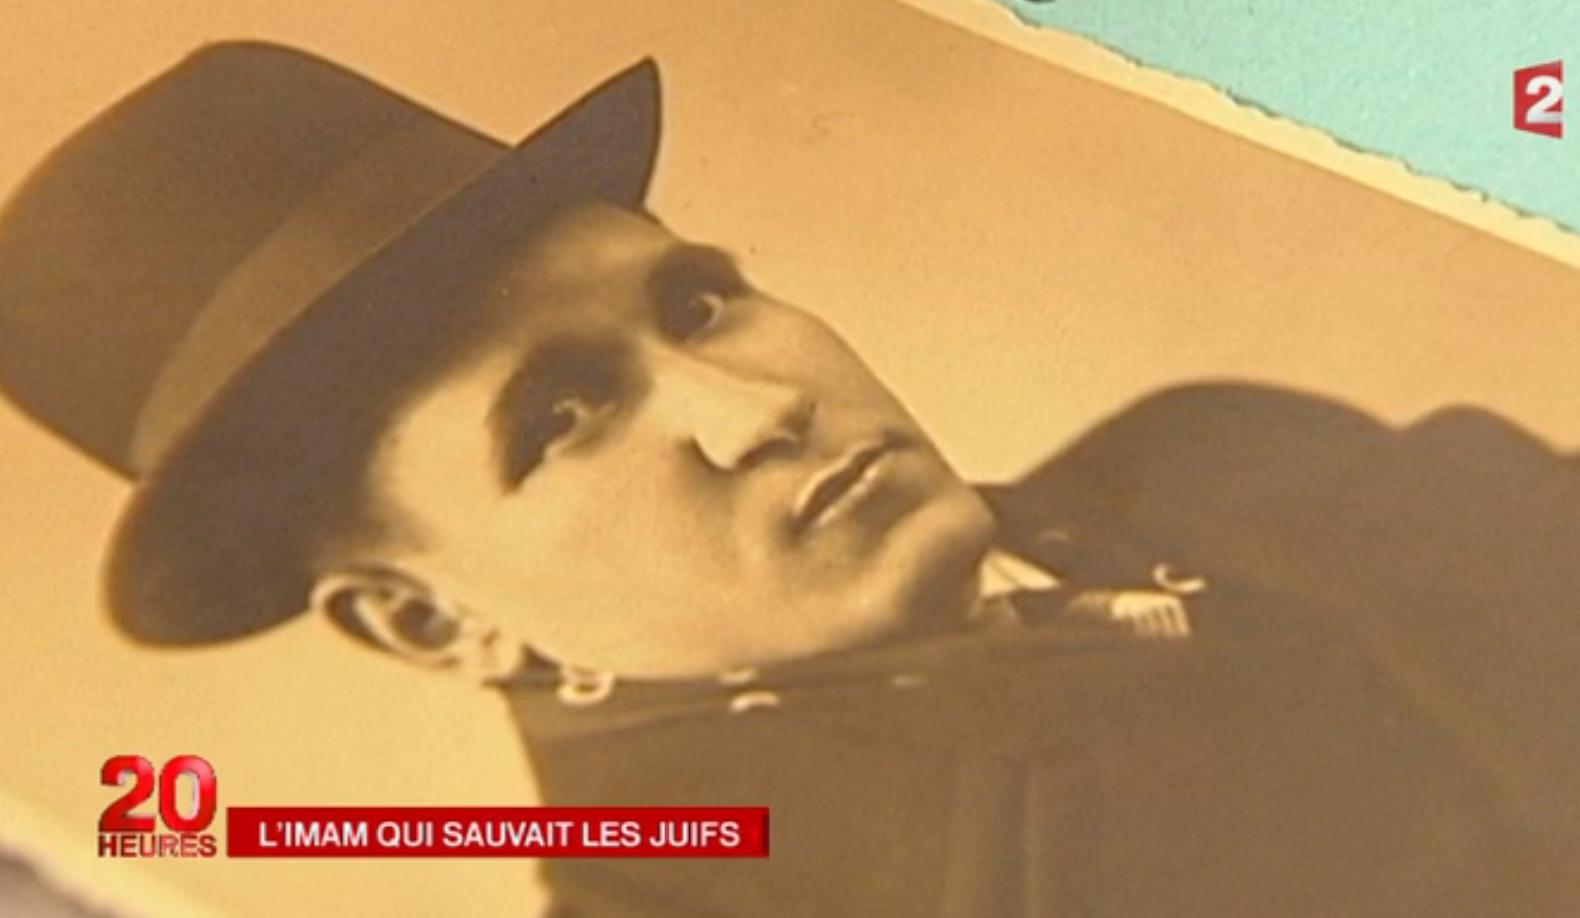 abdelkader-mesli-liman-qui-sauvait-des-juifs-seconde-guerre-mondiale